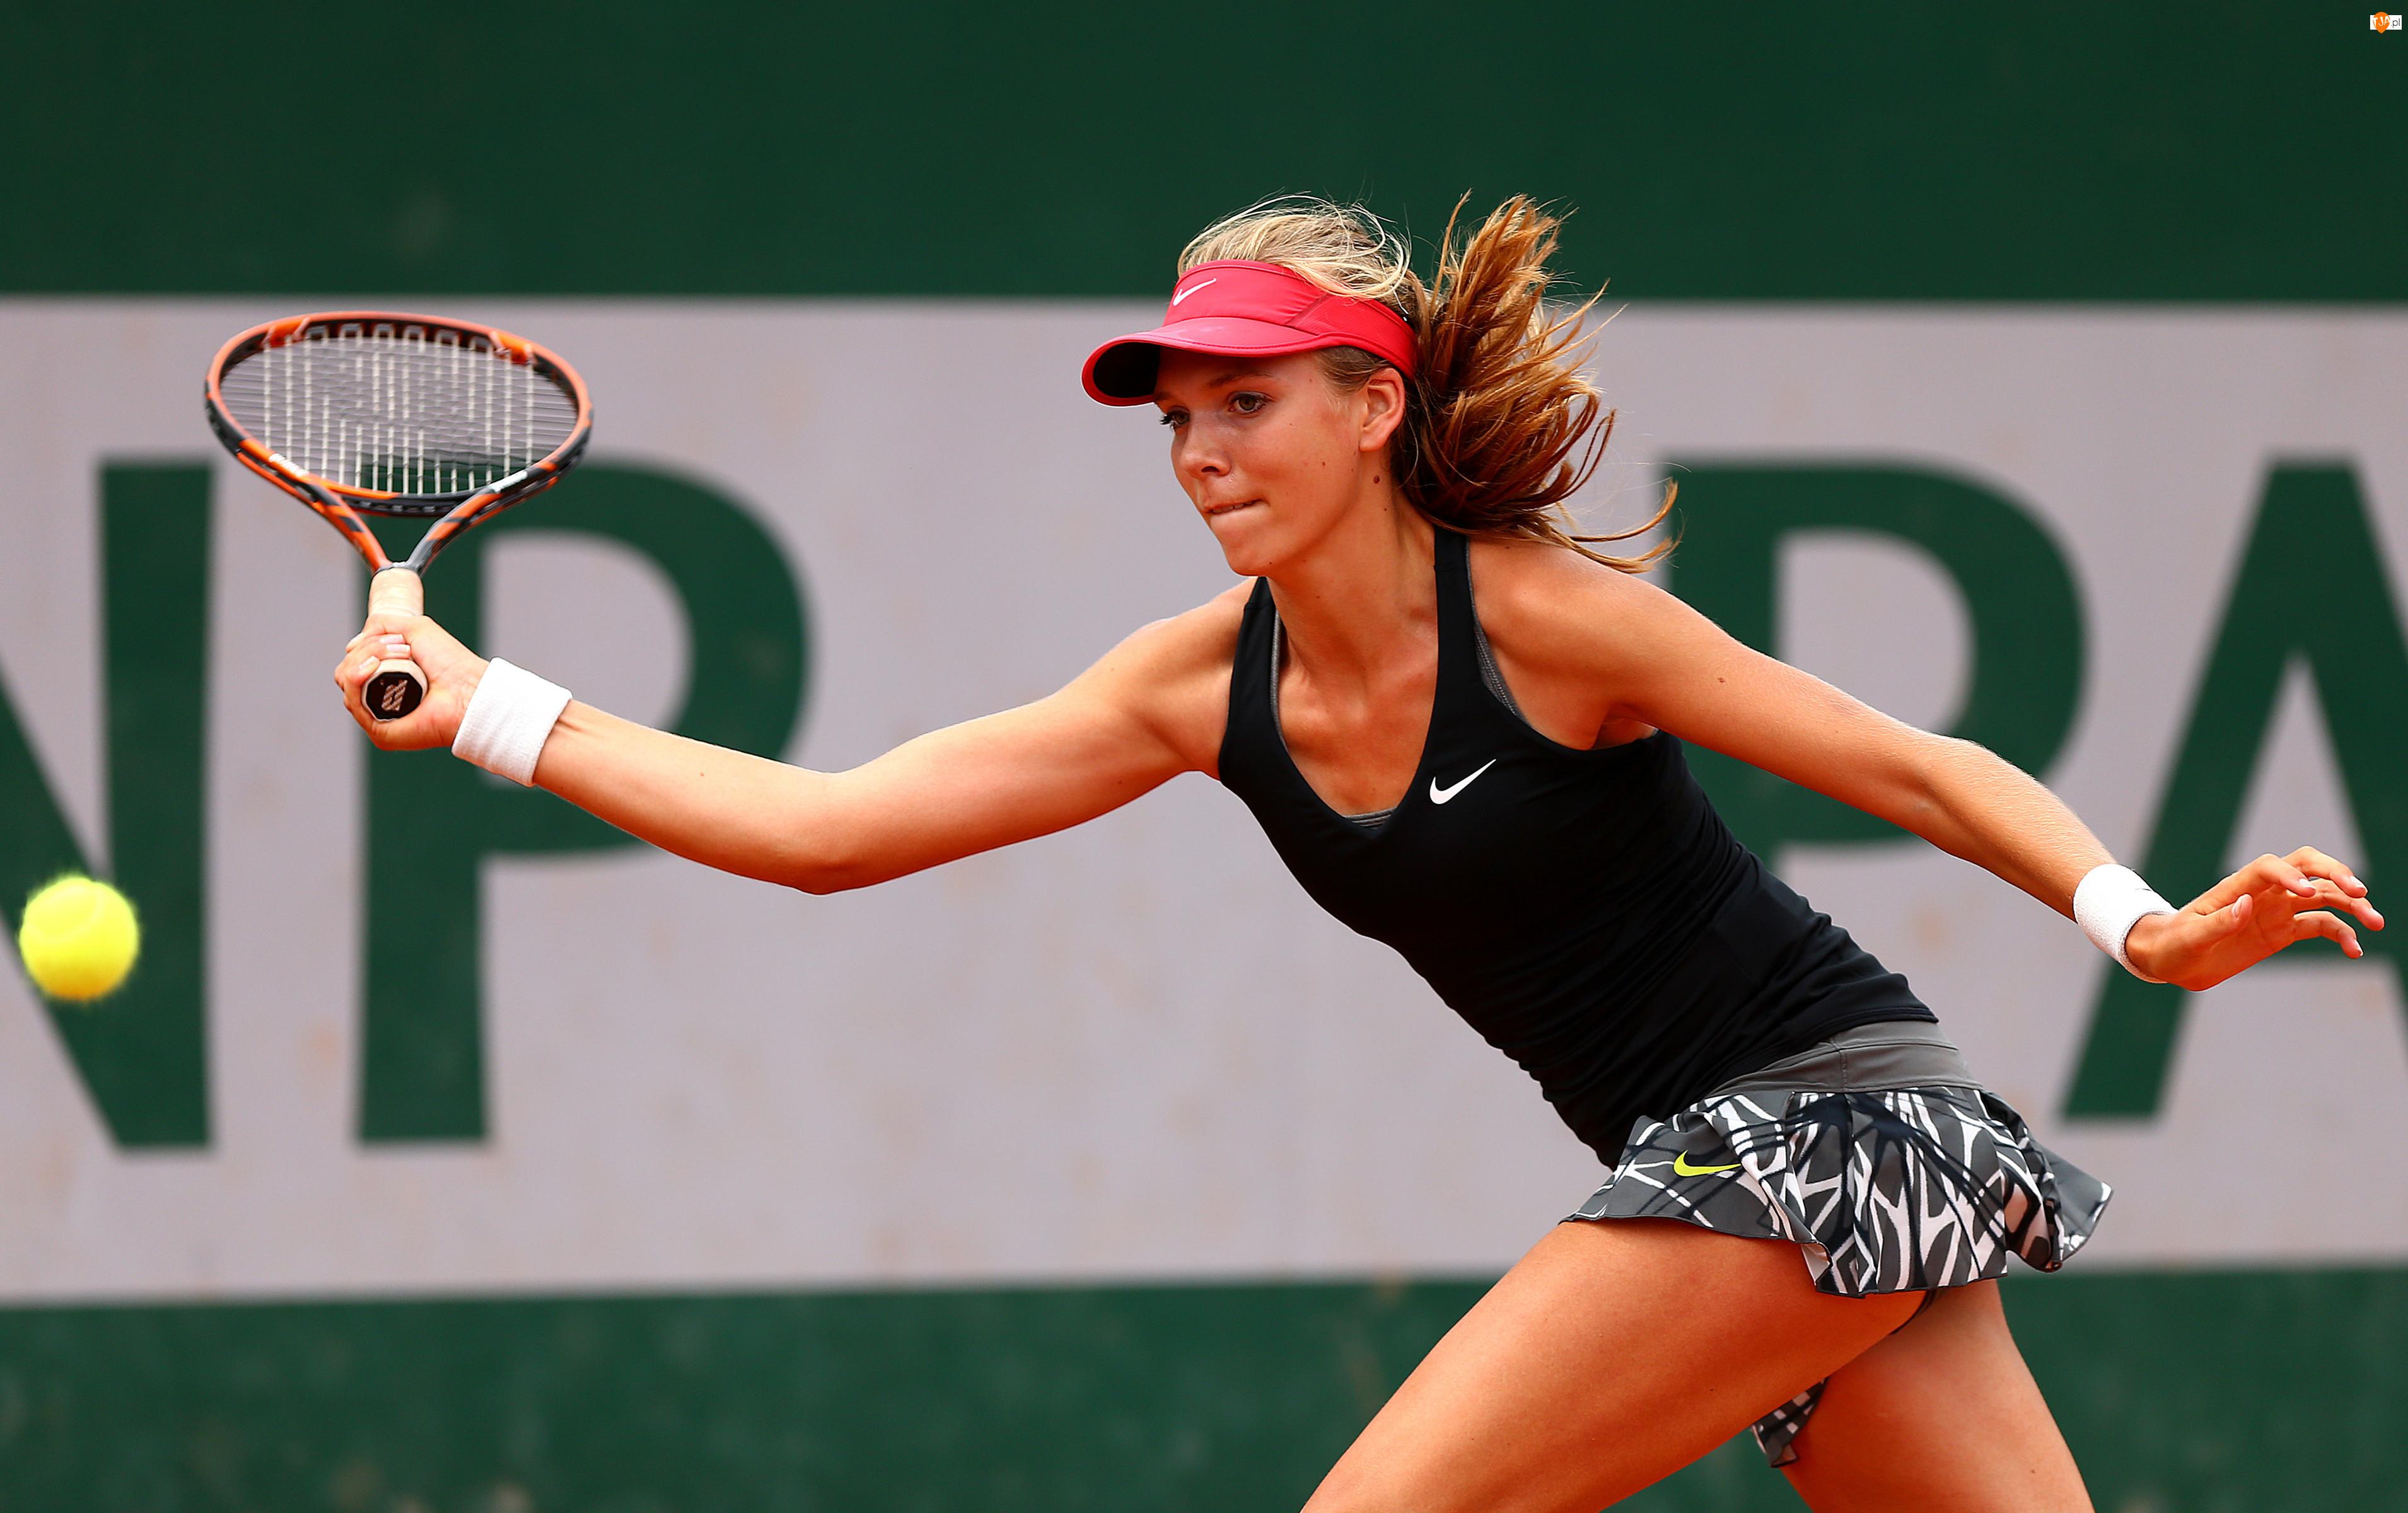 Tenis, Katie Boulter